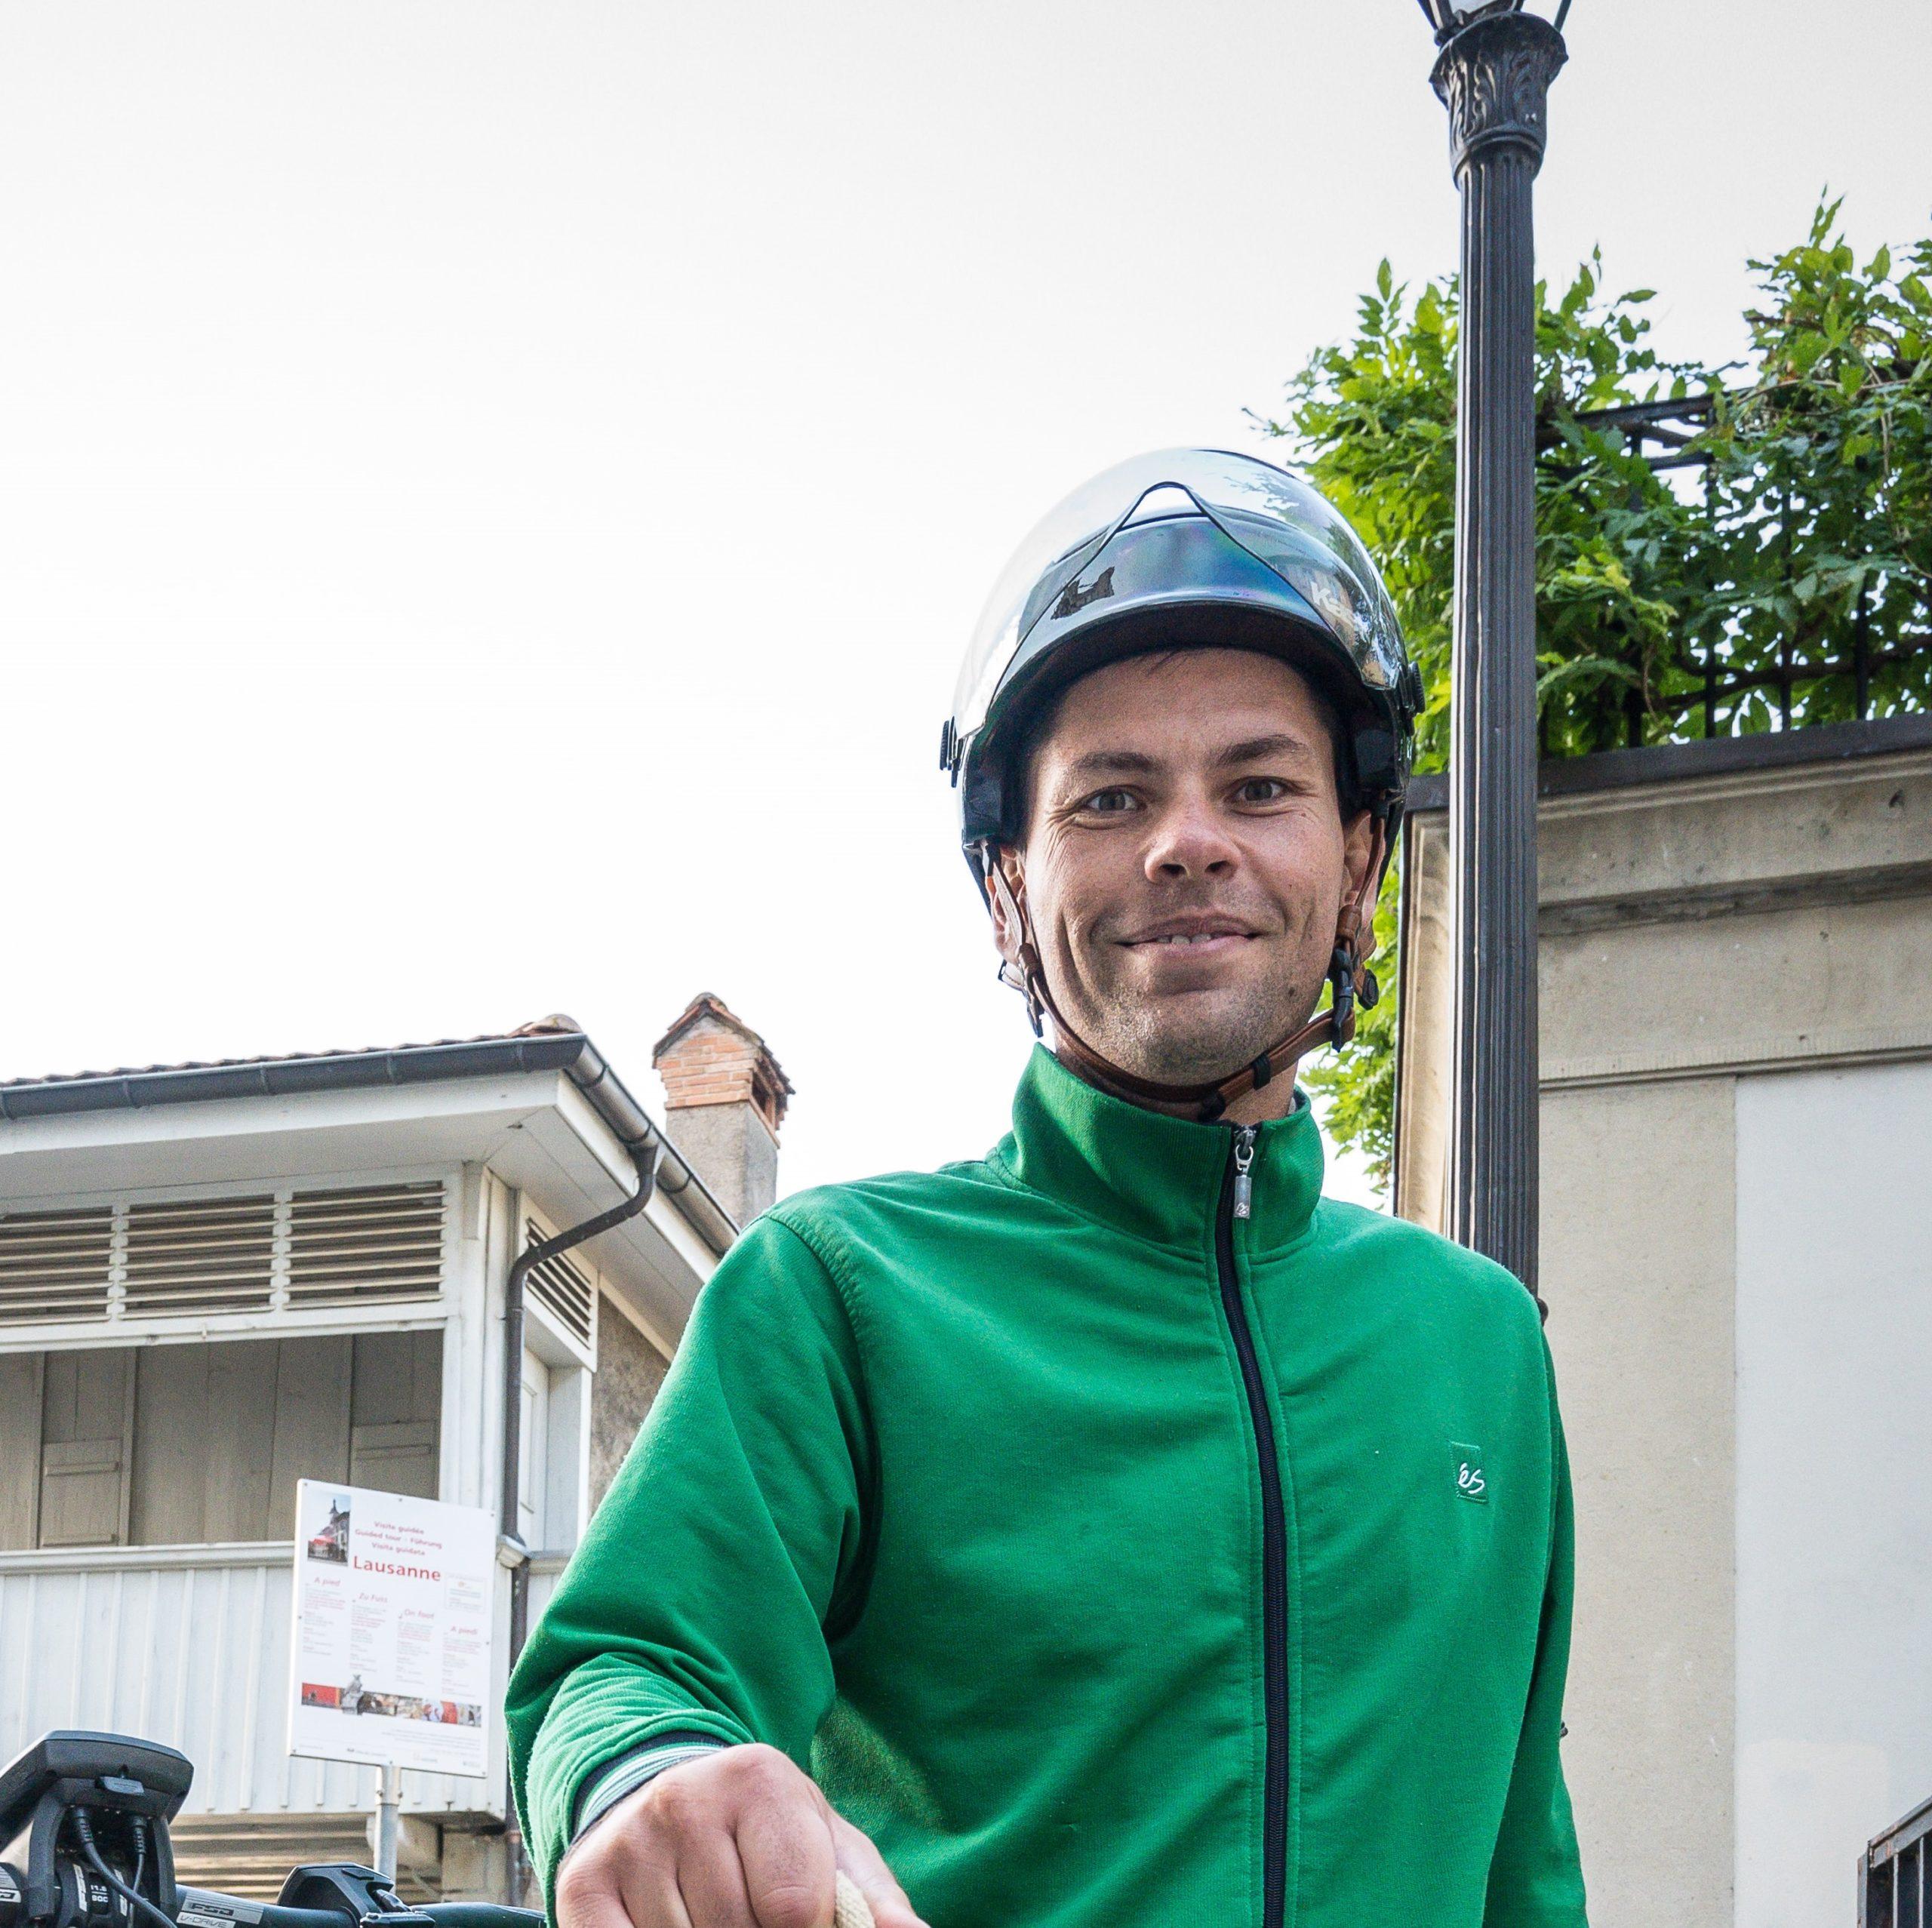 Thierry Briquet